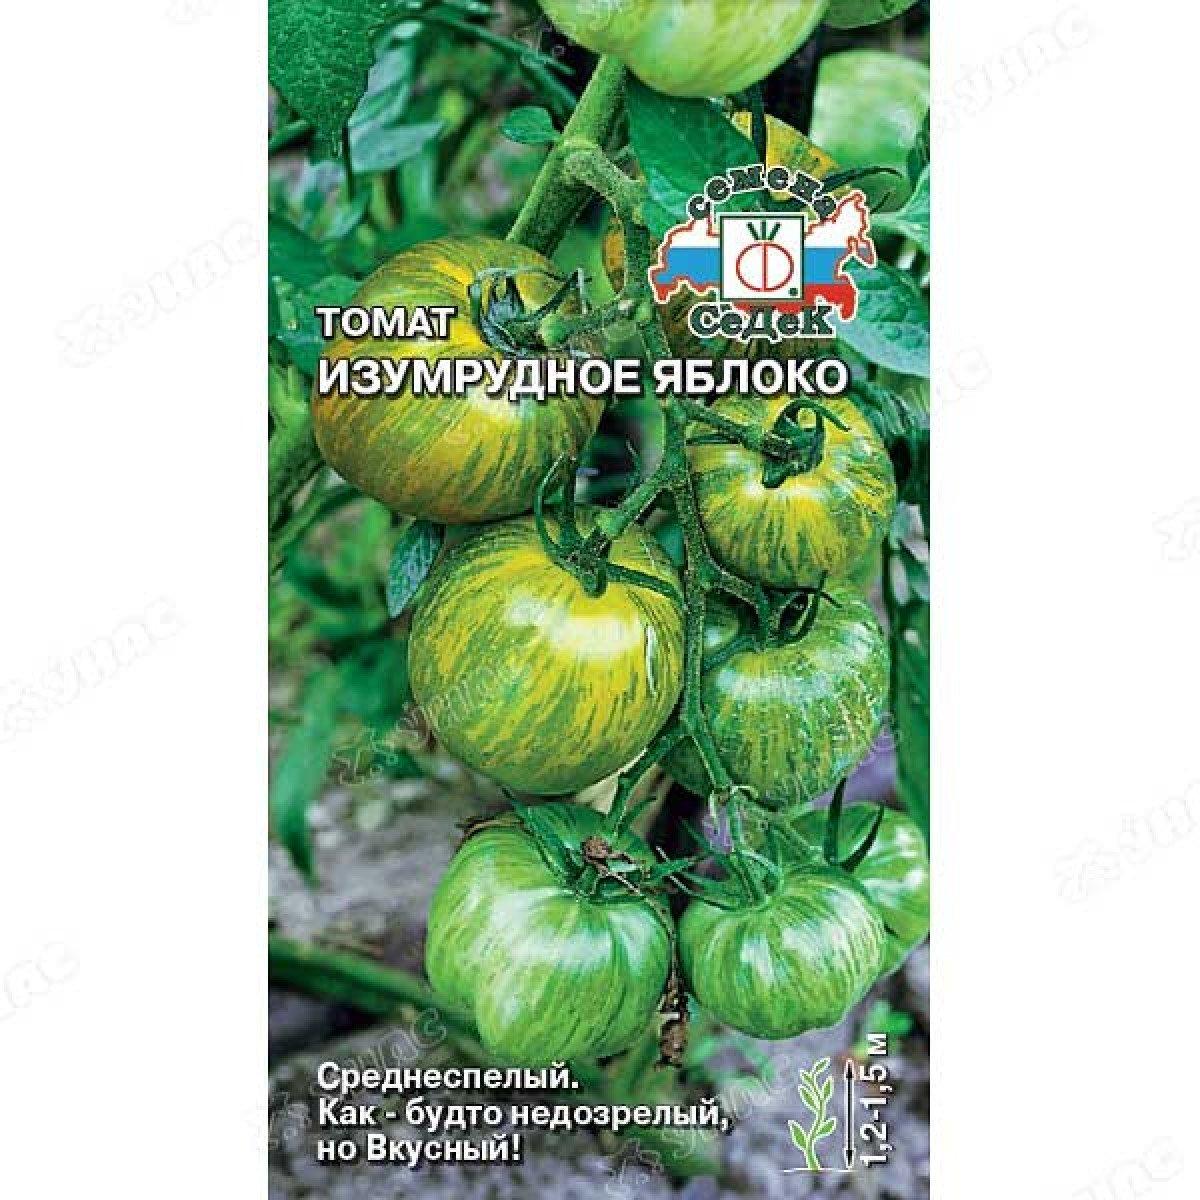 Томат сибирское яблоко: отзывы овощеводов со стажем, фото готовых плодов, характеристика и описание сорта, его плюсы и минусы